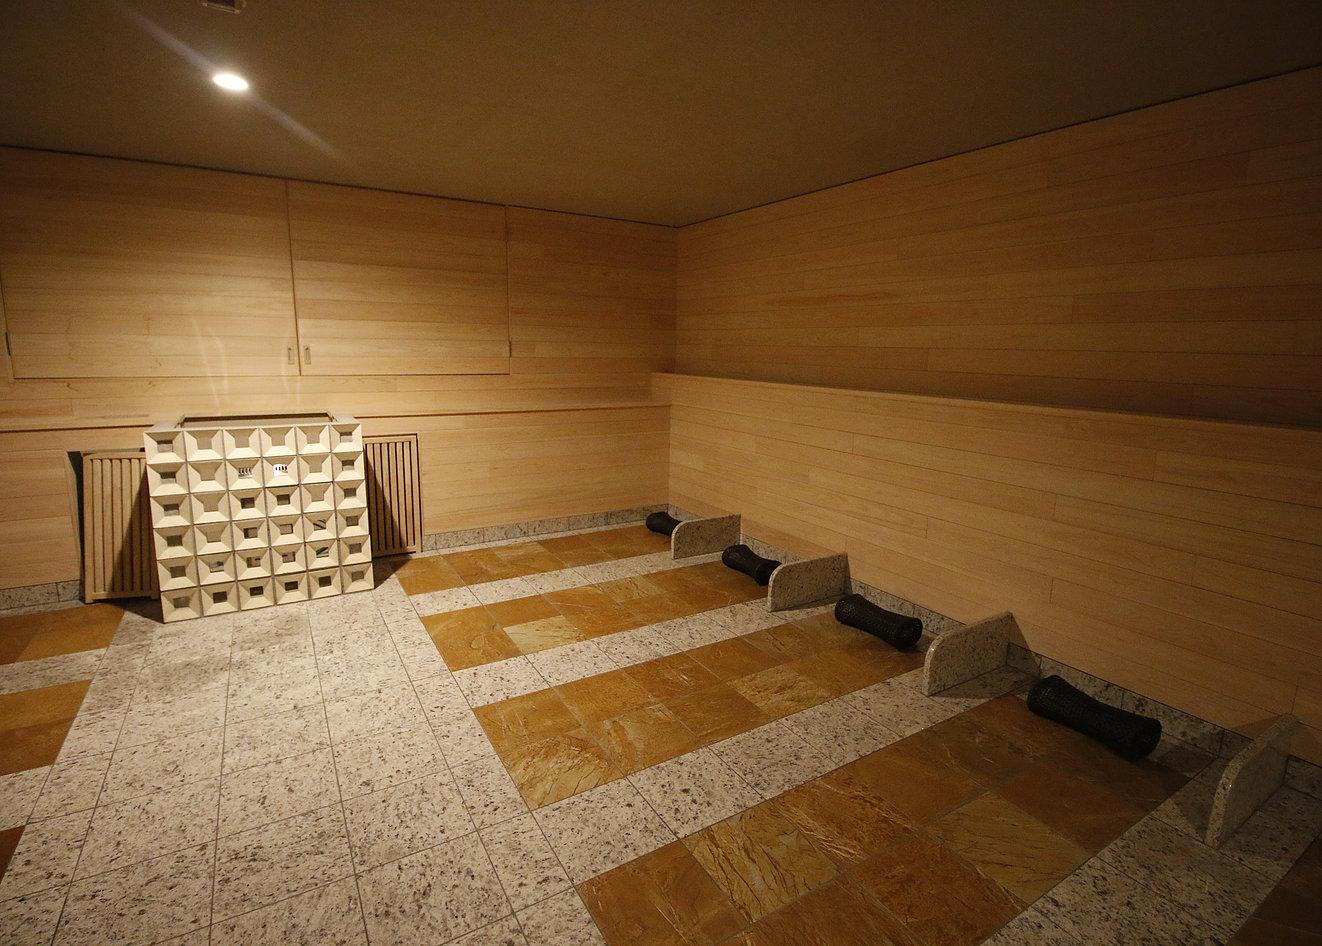 岩盤浴が無料! 気軽な温泉旅行にオススメな、岐阜県本巣市「ぬくいの湯」 - 9E63CBF9 397C 44D9 82A3 F1477A16F419